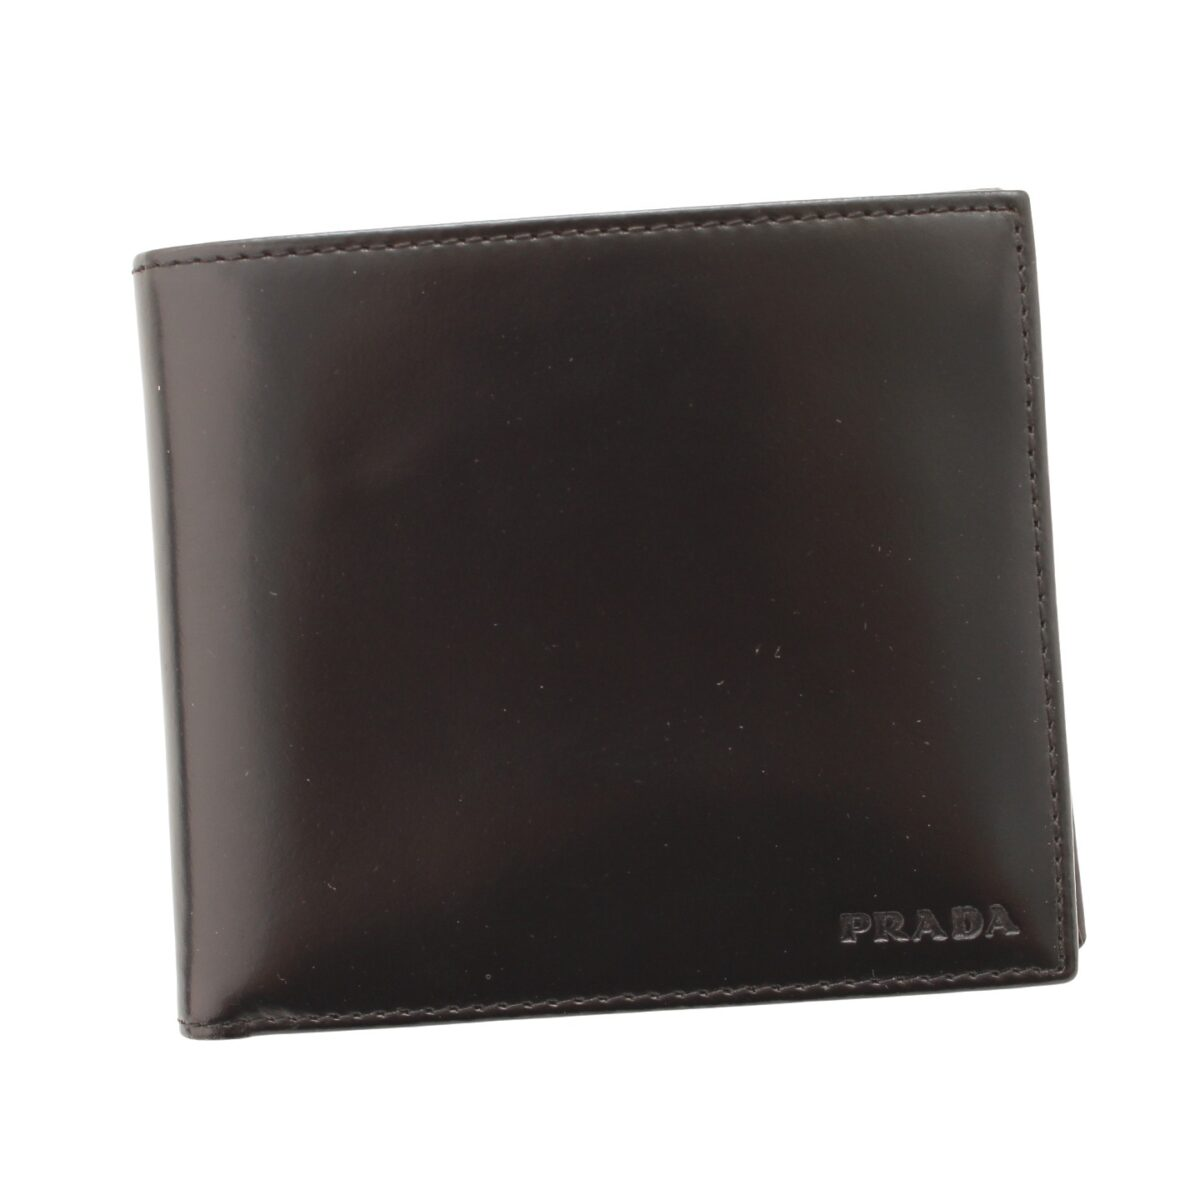 プラダ サフィアーノレザー 二つ折り財布 2M0738